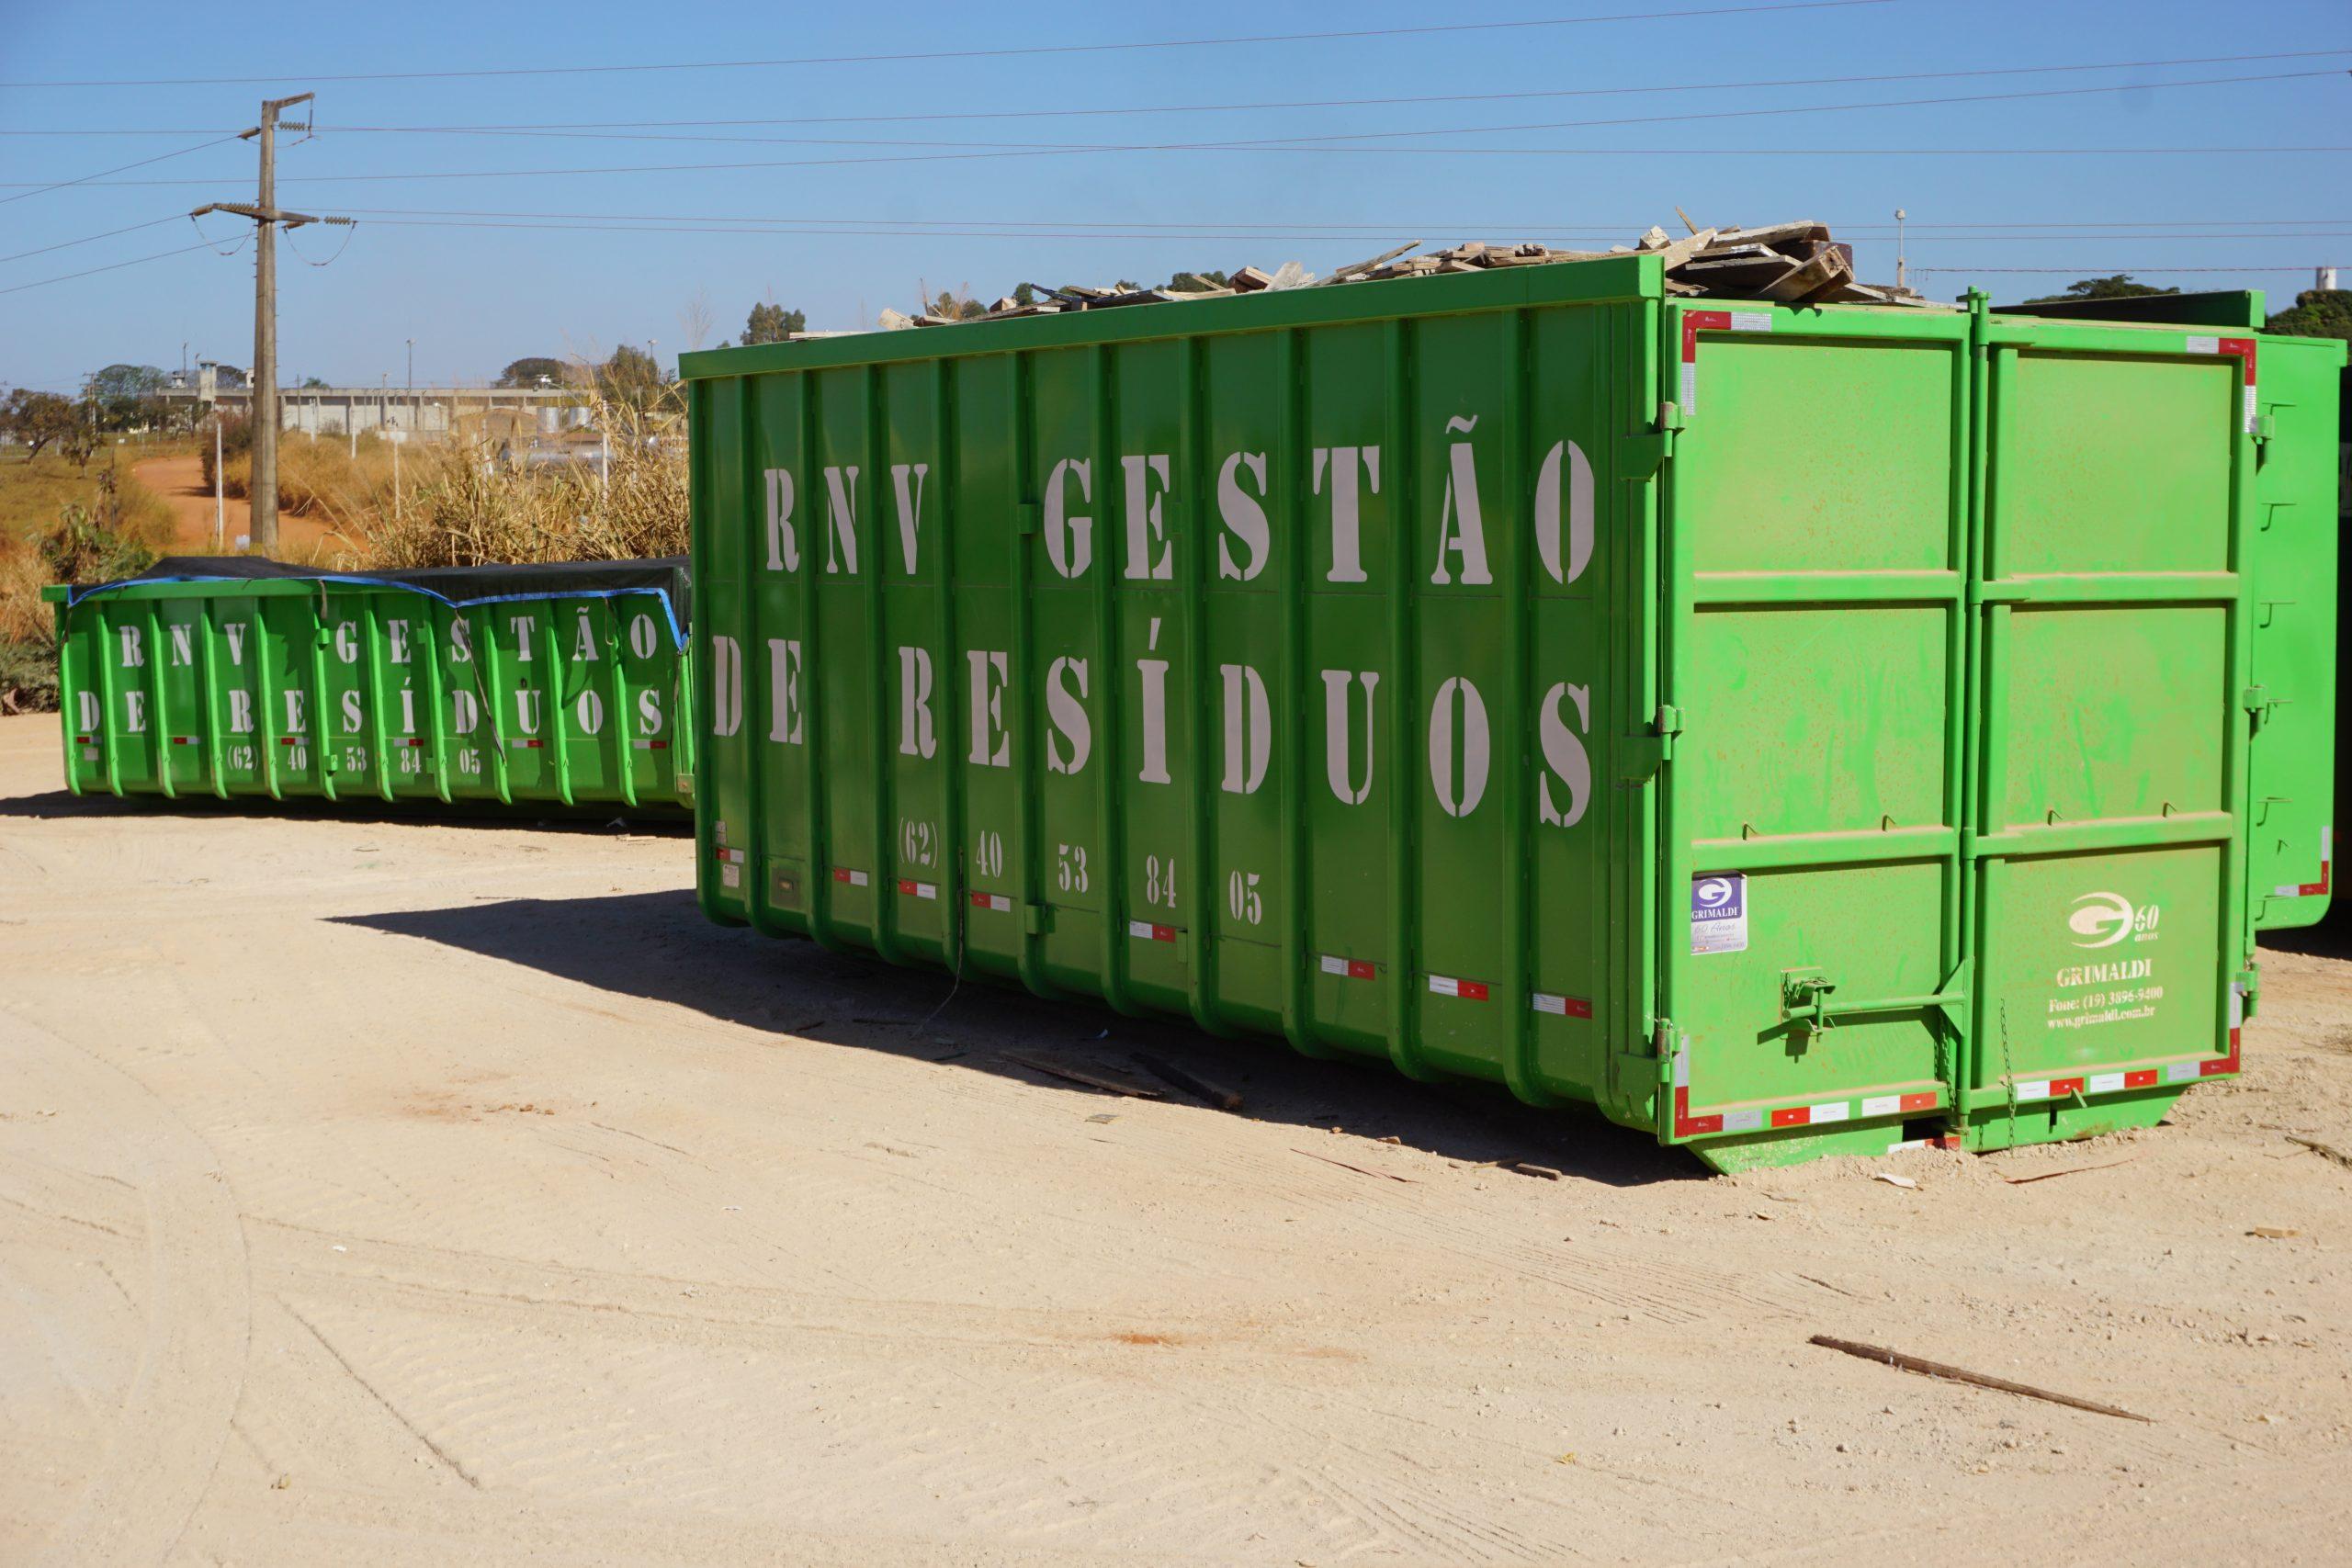 Gestao total de residuos